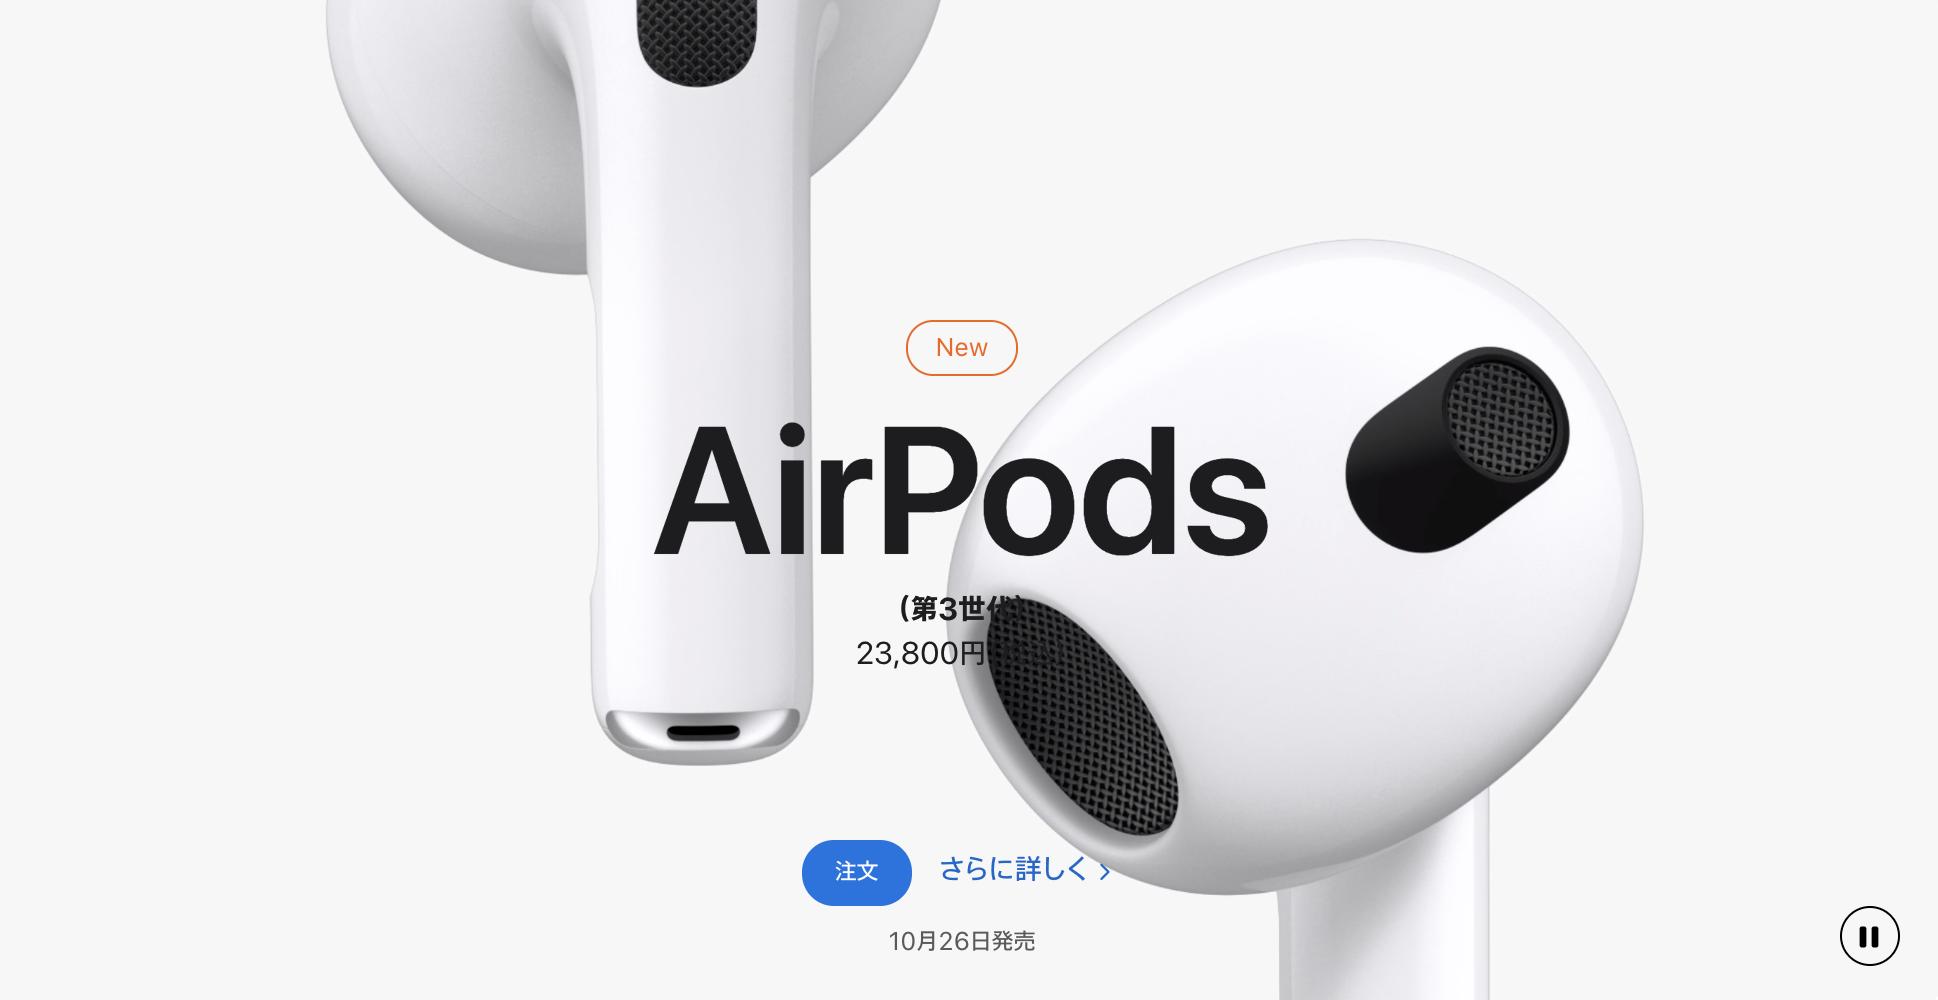 2021年新型AirPods 3の発売日は10月26日!価格・新性能・待つべきか徹底解説